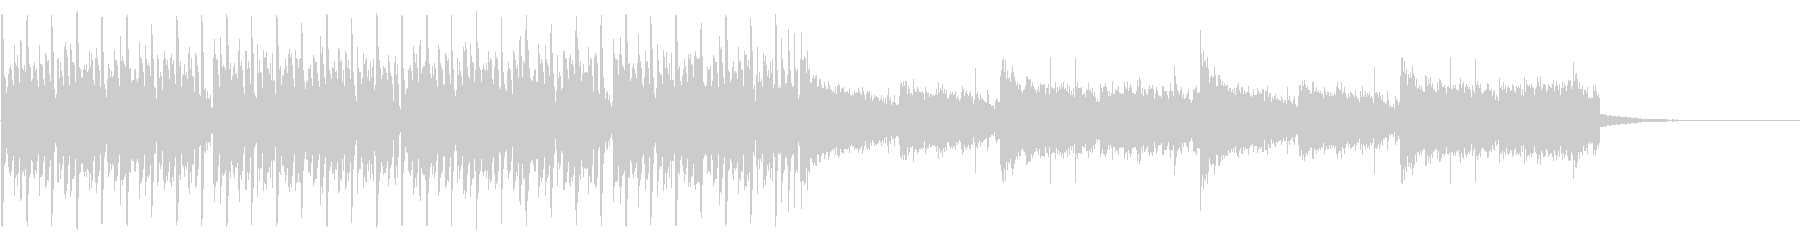 CM等で使われる事を想定した短い曲の未再生の波形